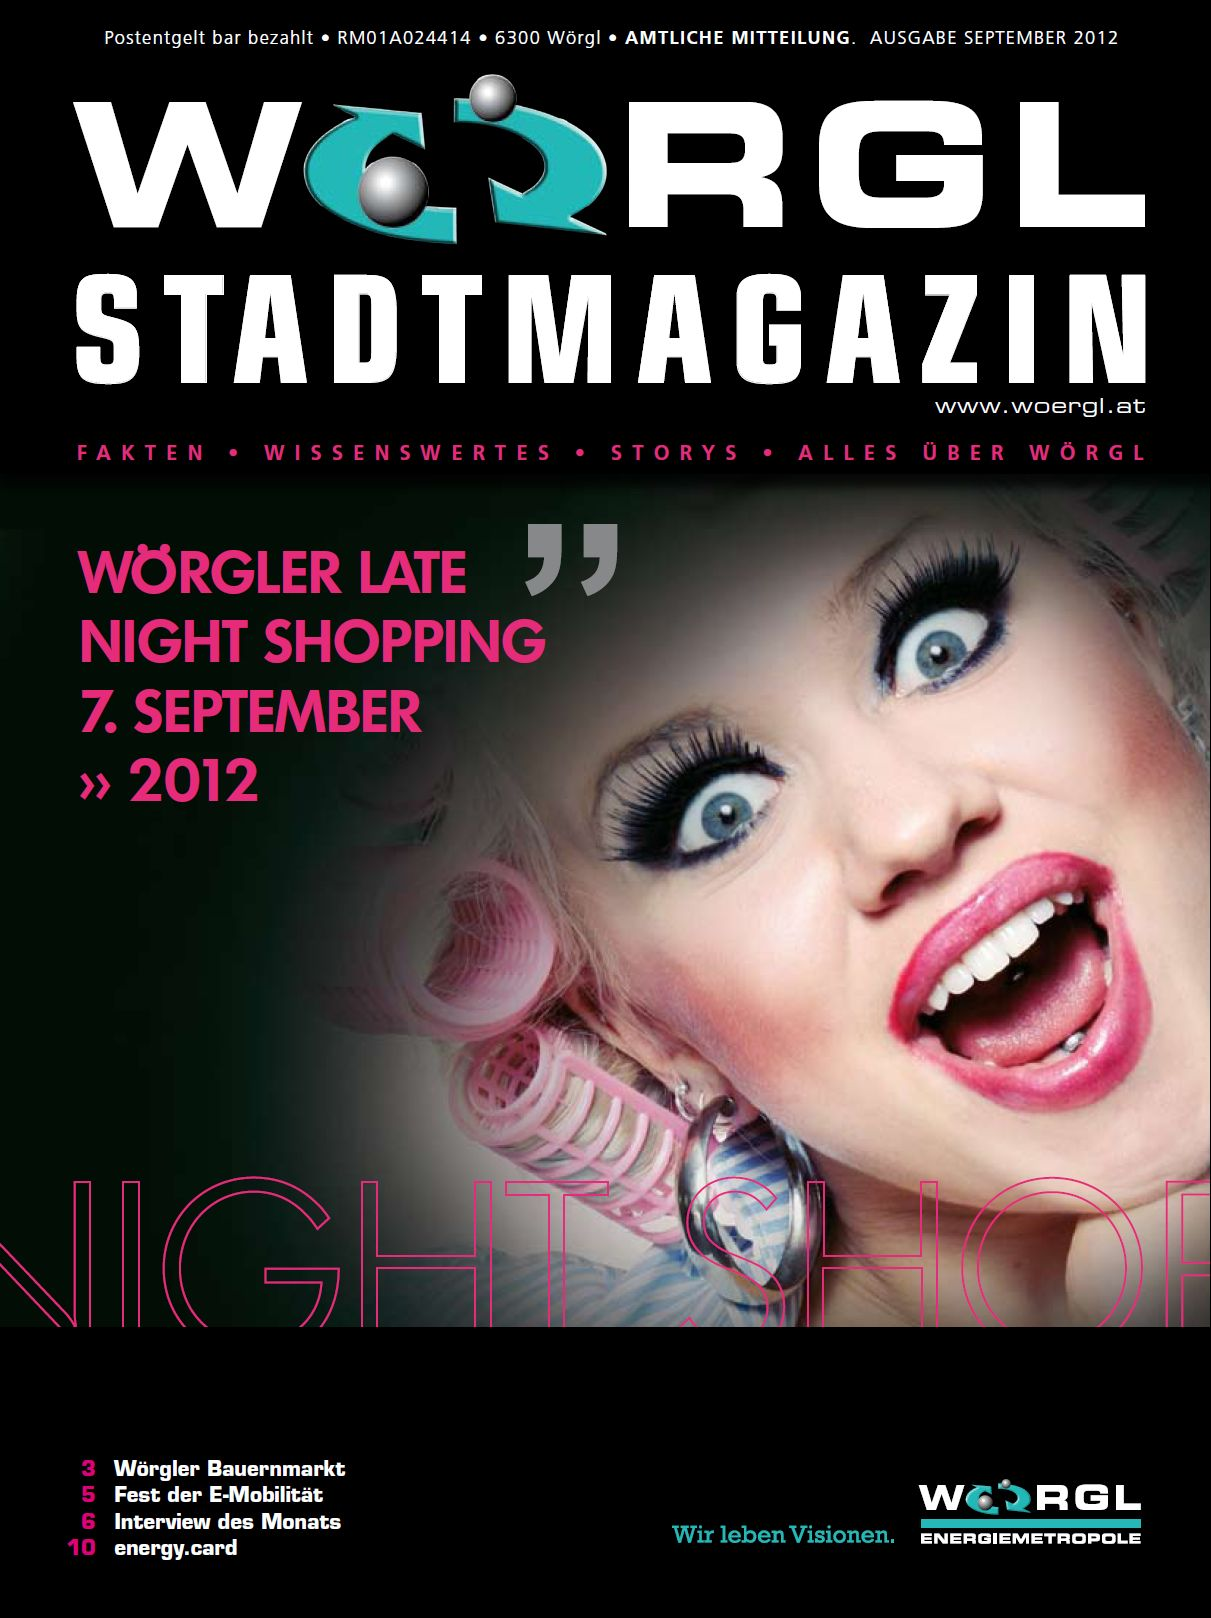 Wörgler Stadtmagazin September